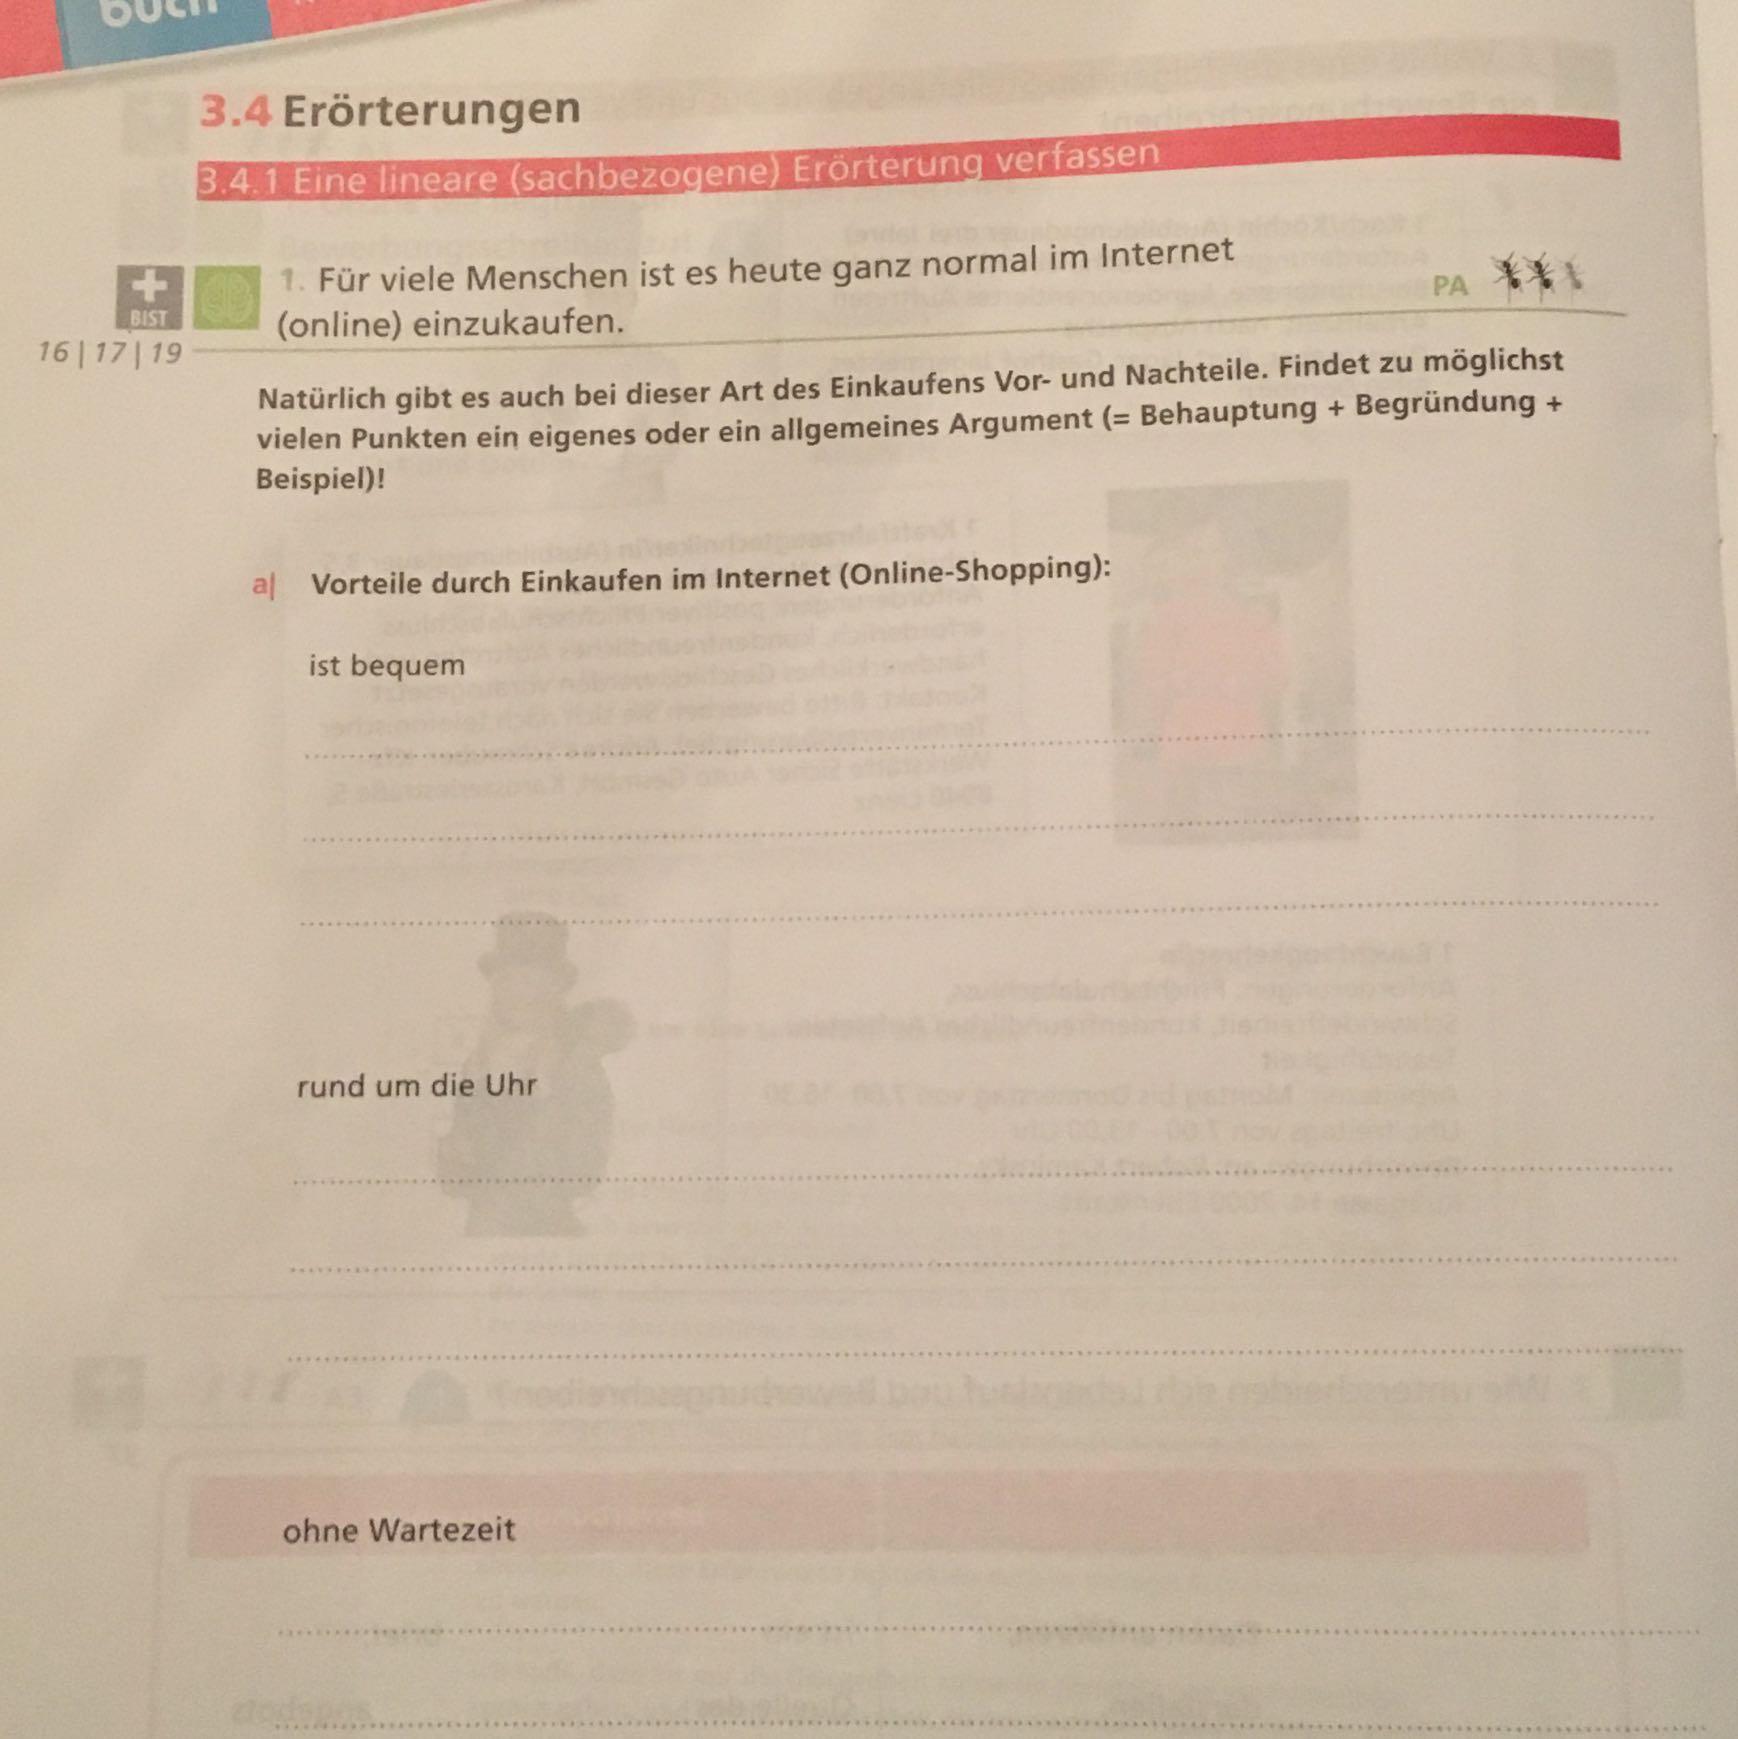 kann man so kleine argumente berhaupt schreiben schule deutsch grammatik - Behauptung Begrundung Beispiel